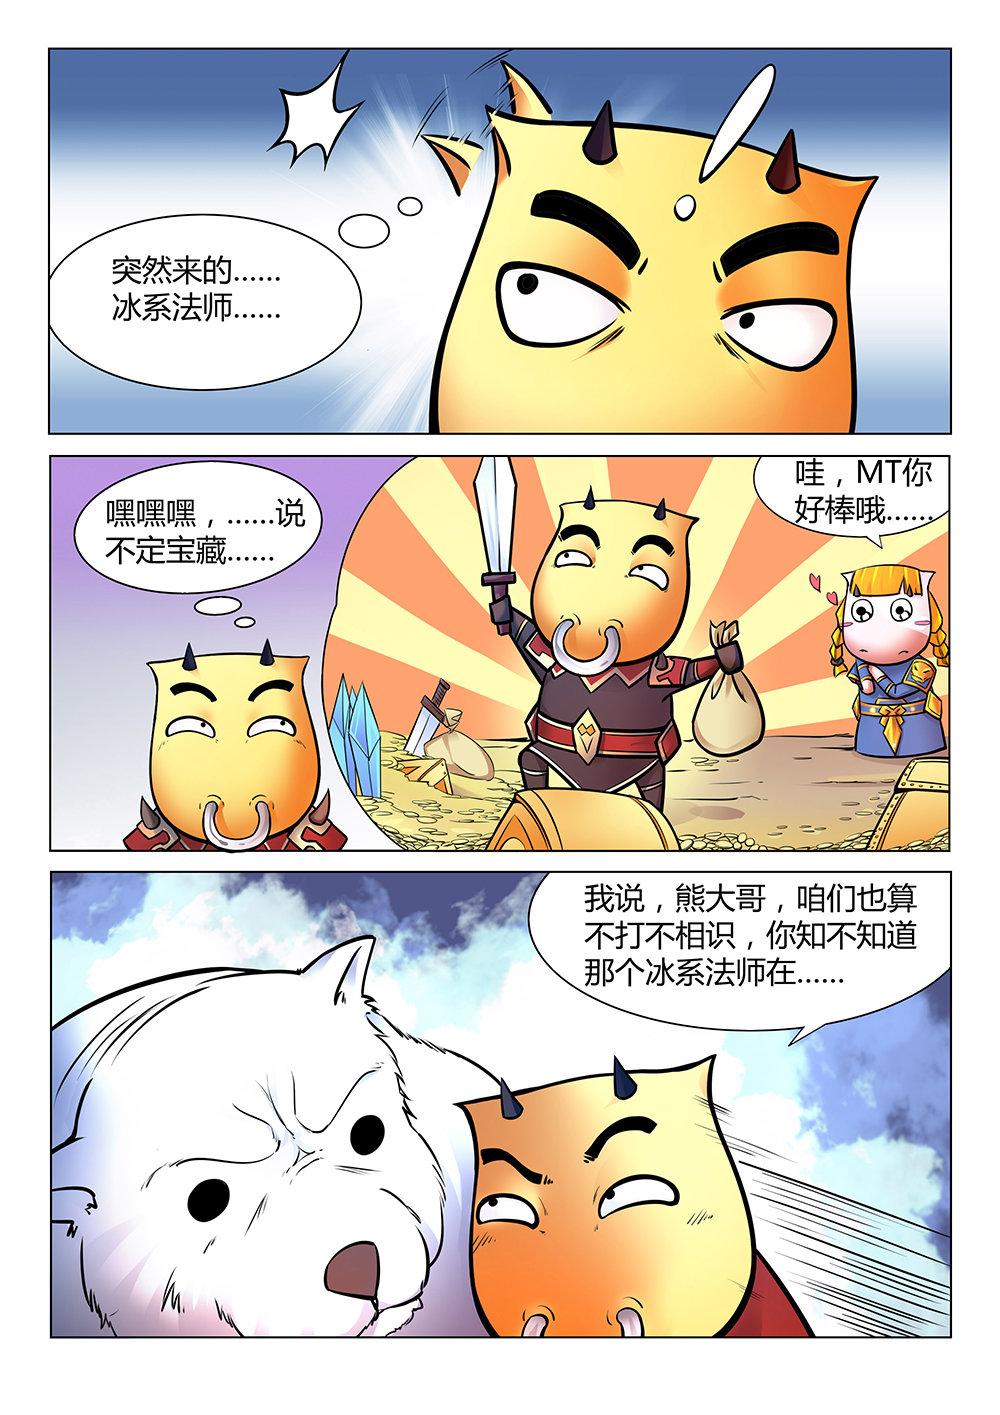 我叫MT4官方连载漫画第四篇:MT带领众人来到神秘村落接受新的委托